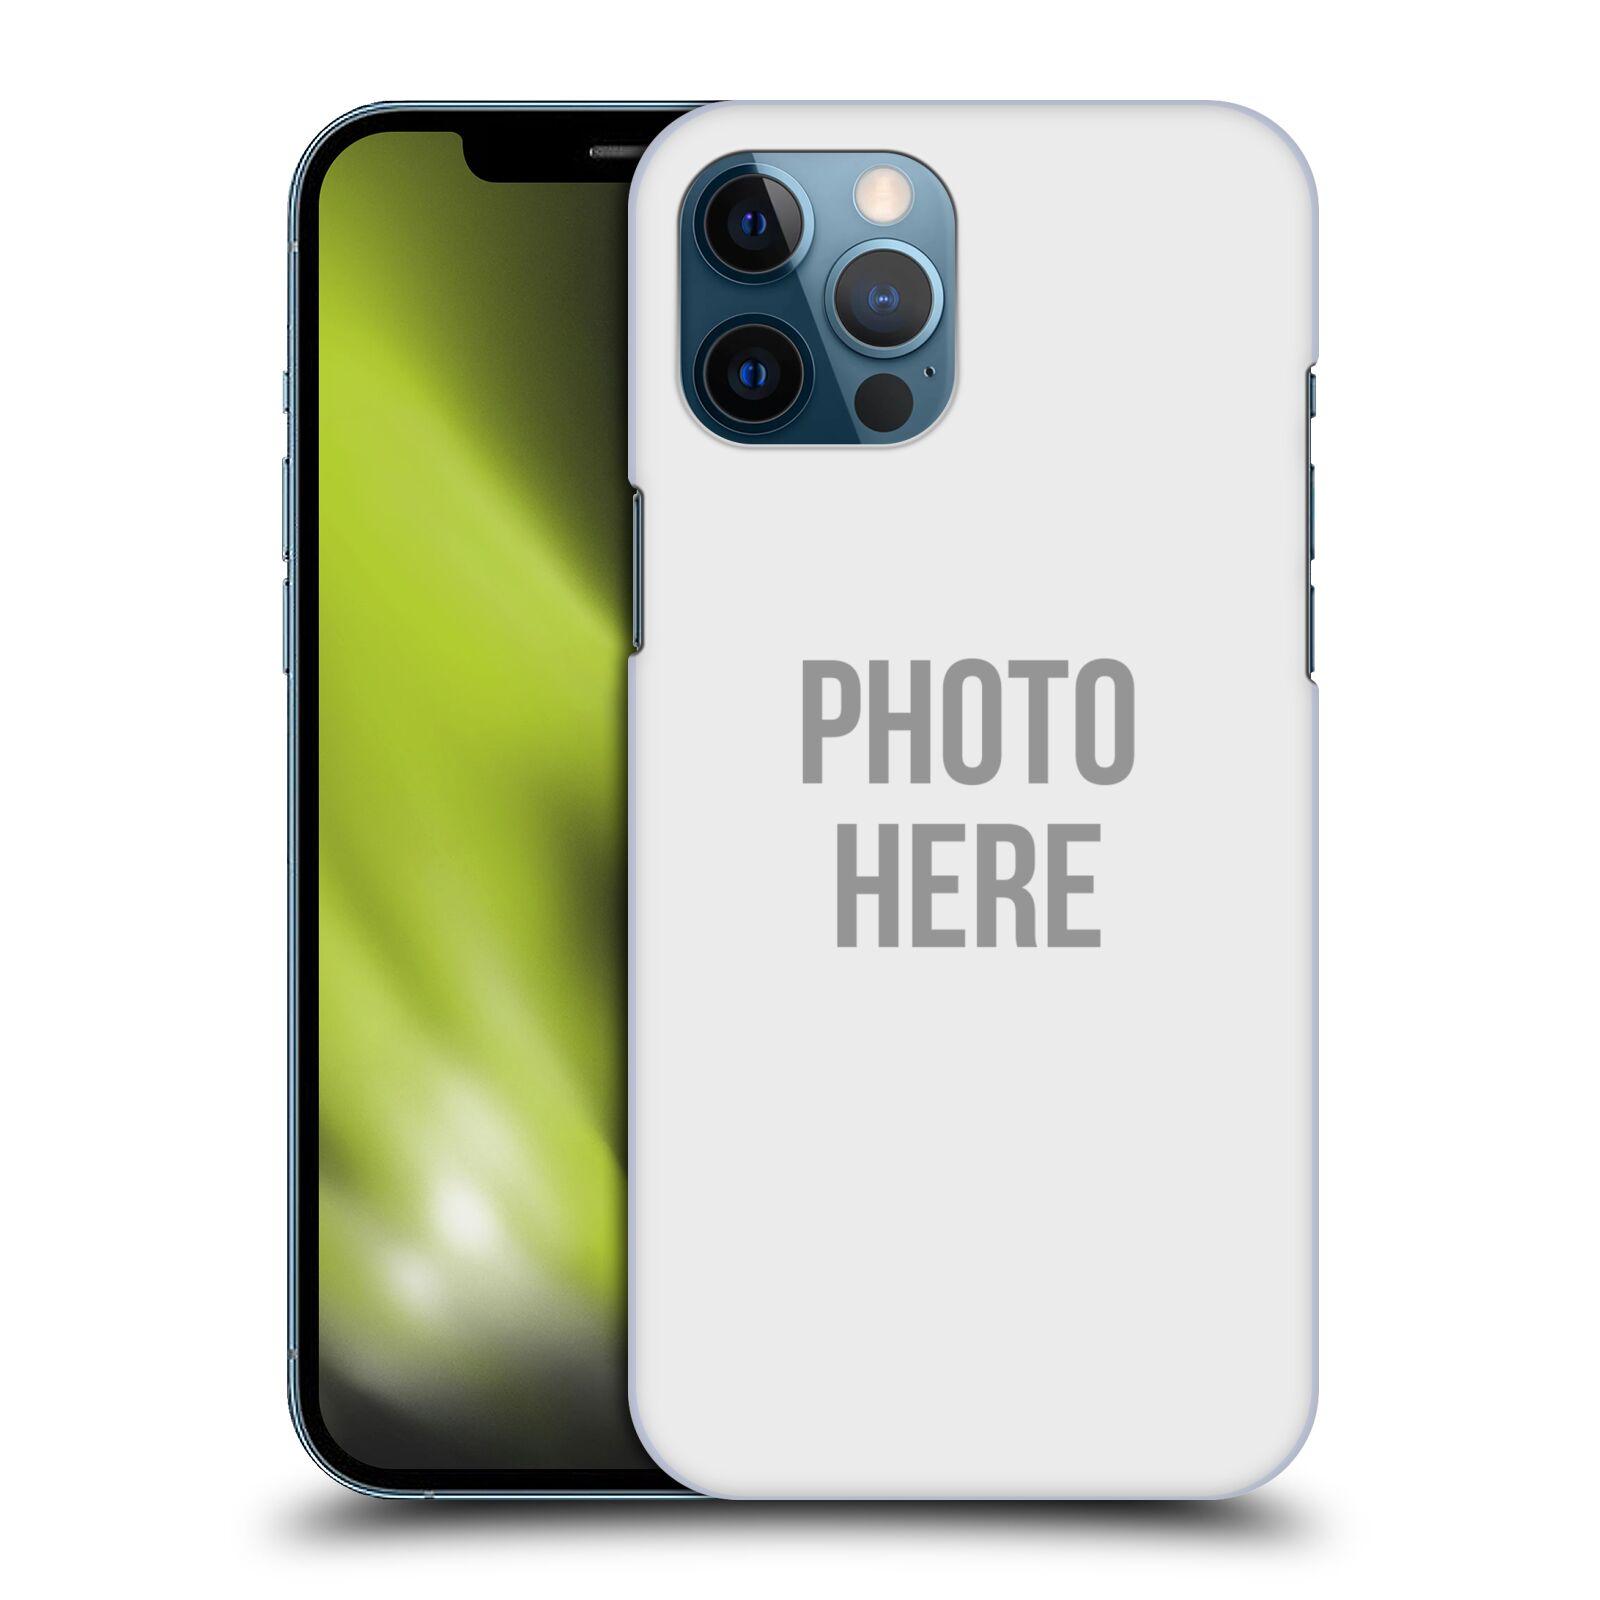 Plastové pouzdro na mobil Apple iPhone 12 Pro Max s vlastním motivem